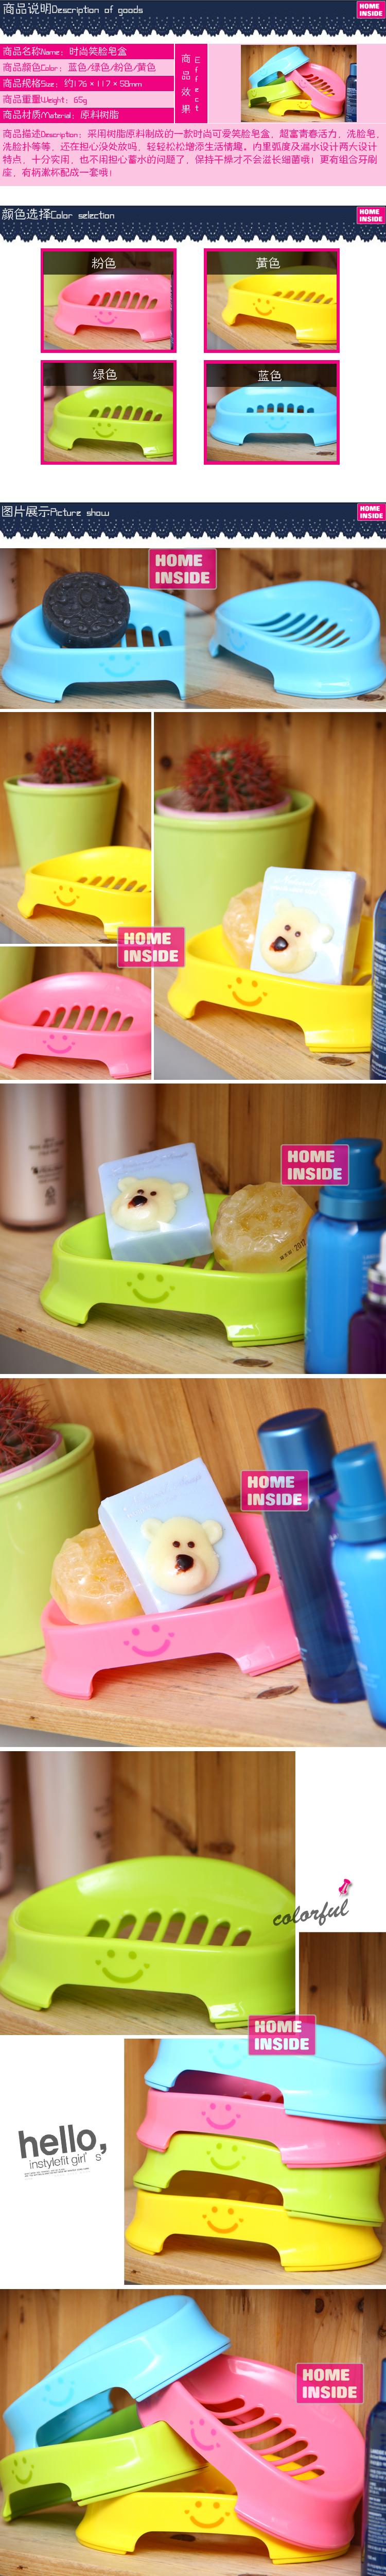 Подставка для мыла со смайликами